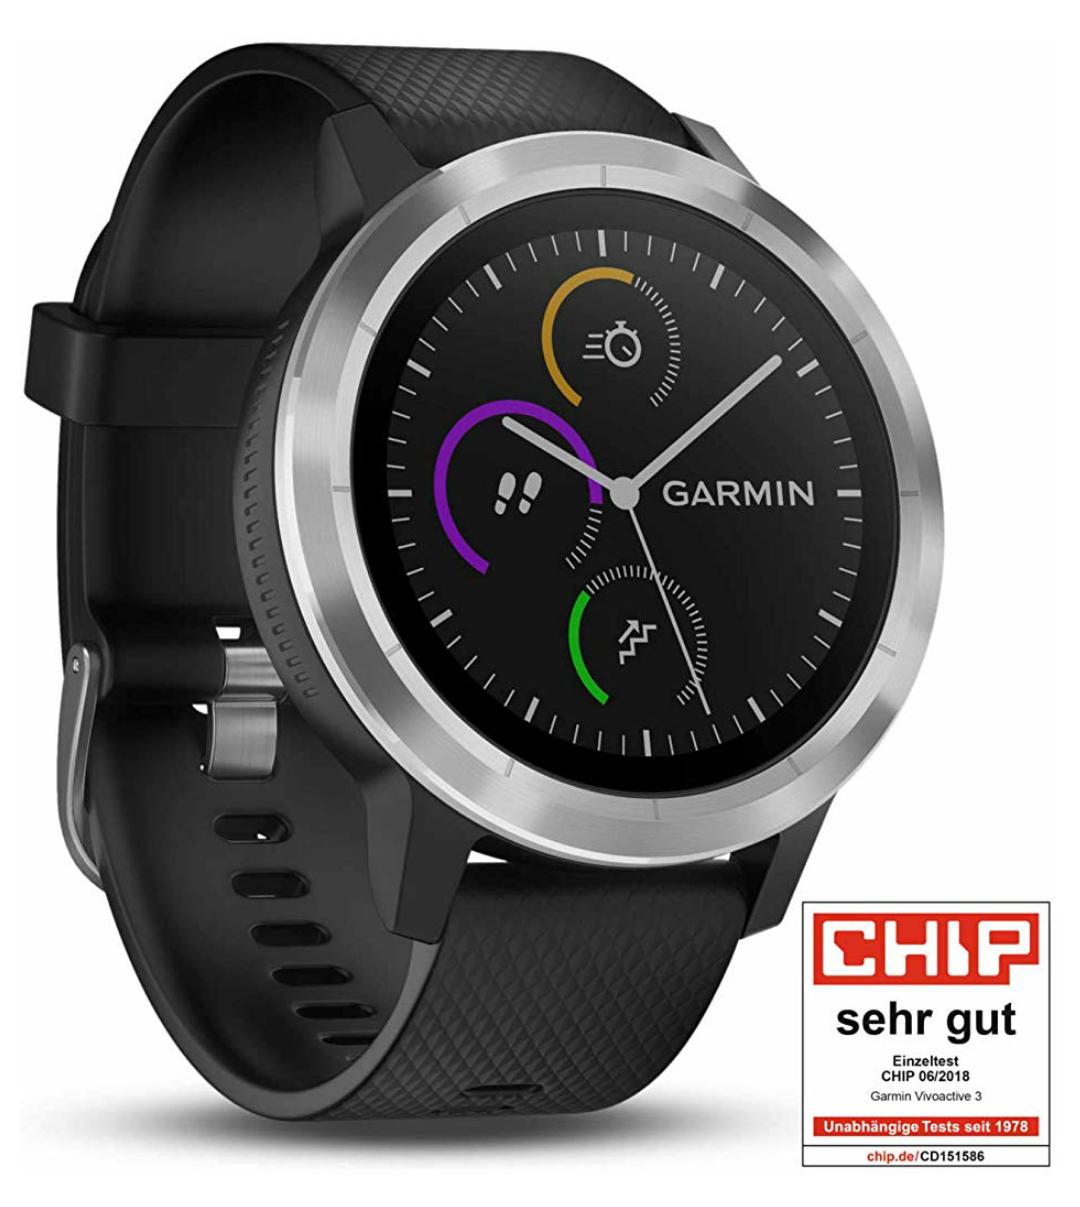 Garmin Vivoactive 3 GPS Fitnesstracker Smartwatch, wasserdicht,  Schwarz-Silber